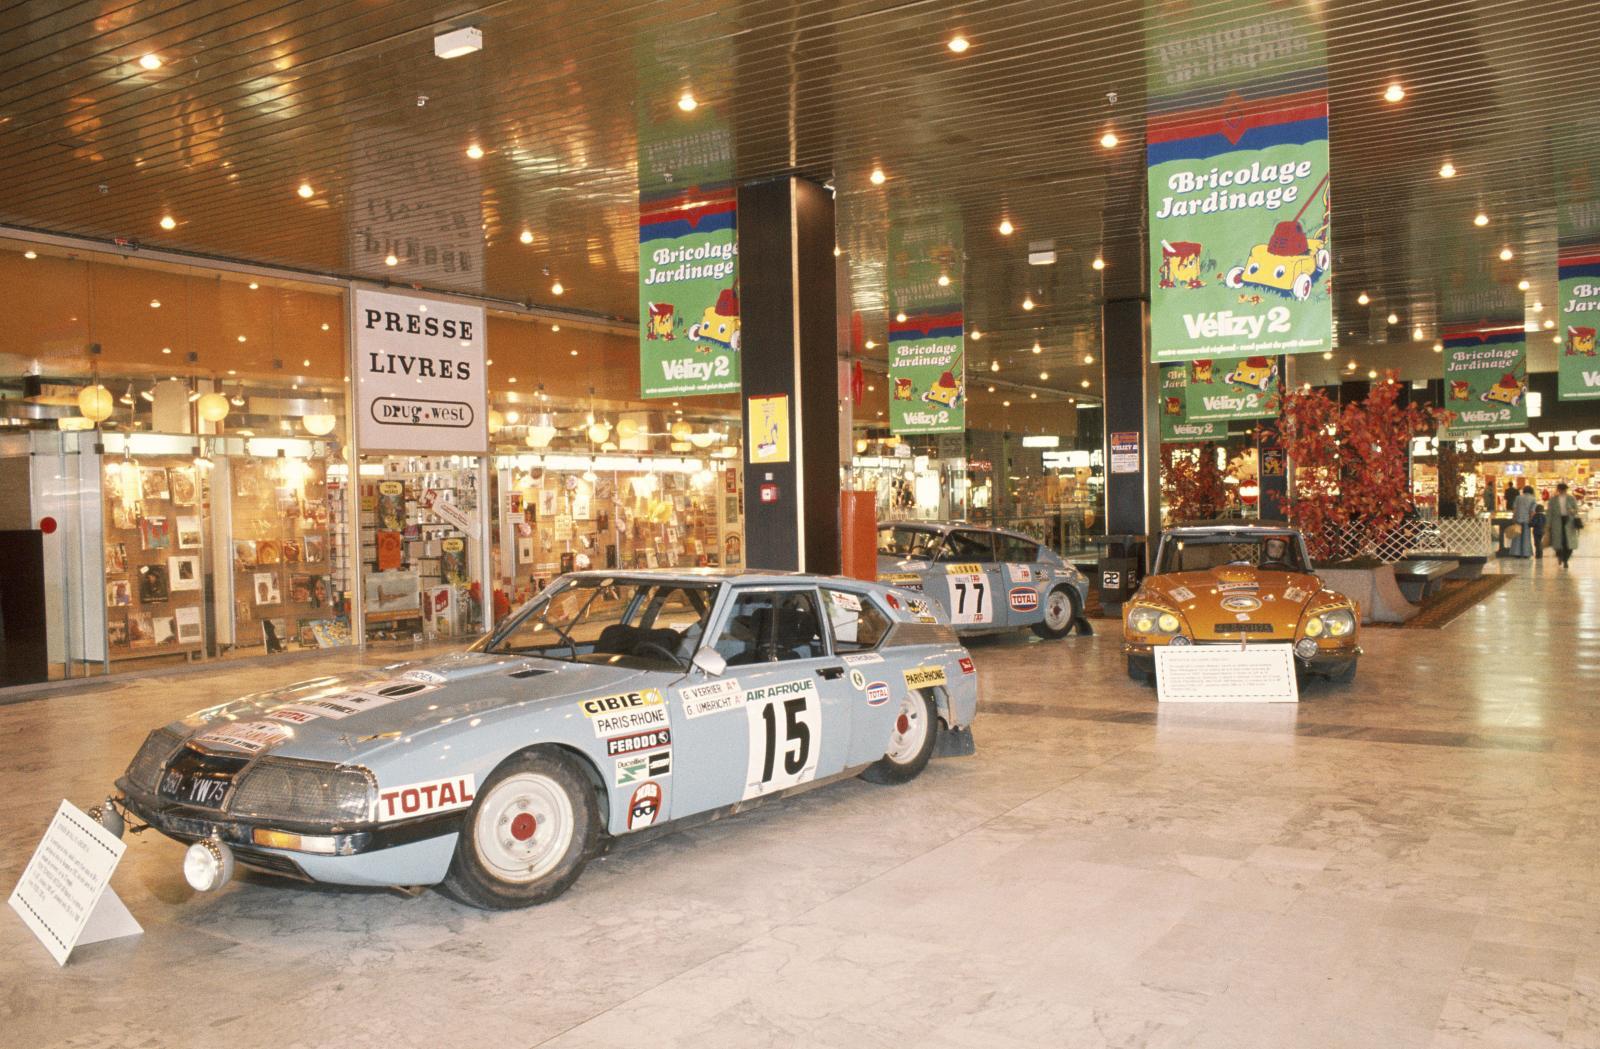 ヴェリズィ・ショッピング・センターでの展示 - SM & DS ラリー - 1976年